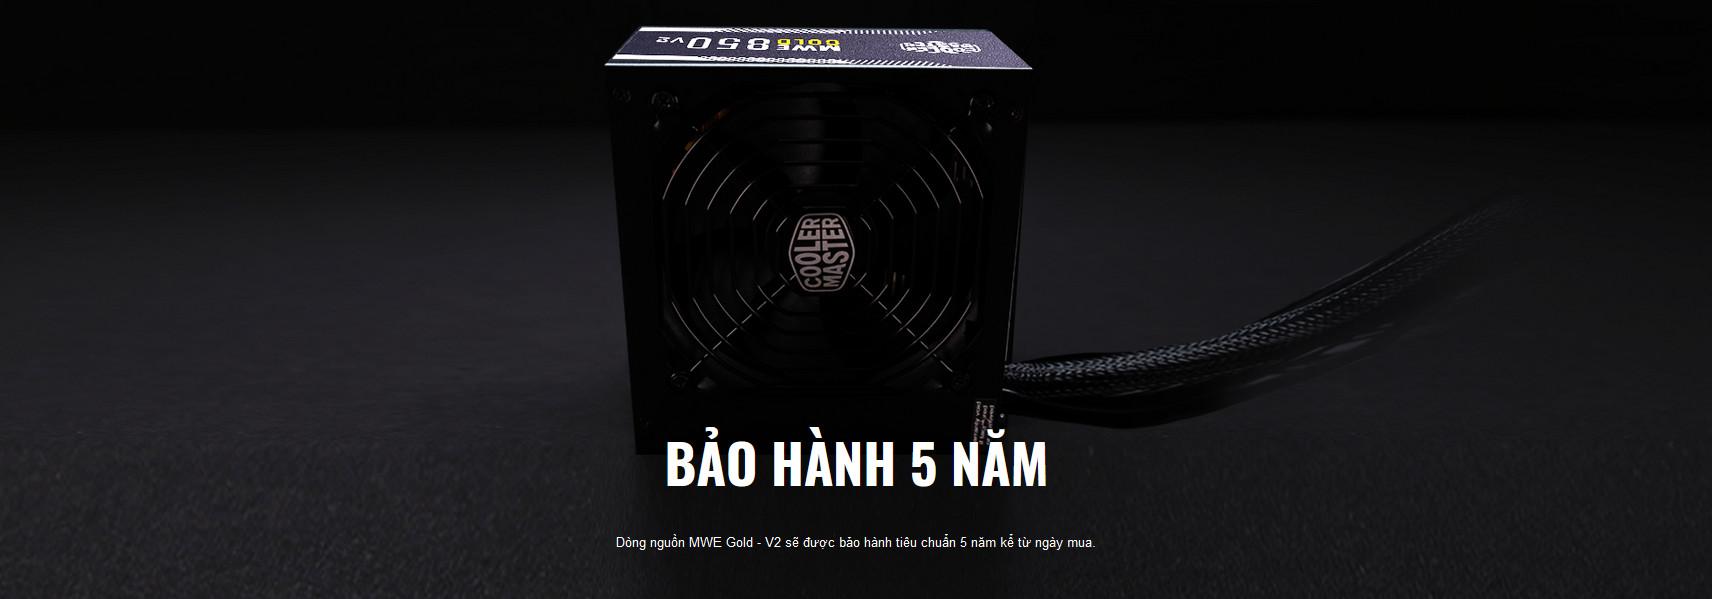 Nguồn máy tính Cooler Master MWE GOLD 850 - V2 850W được bảo hành tiêu chuẩn 5 năm kể từ ngày mua.